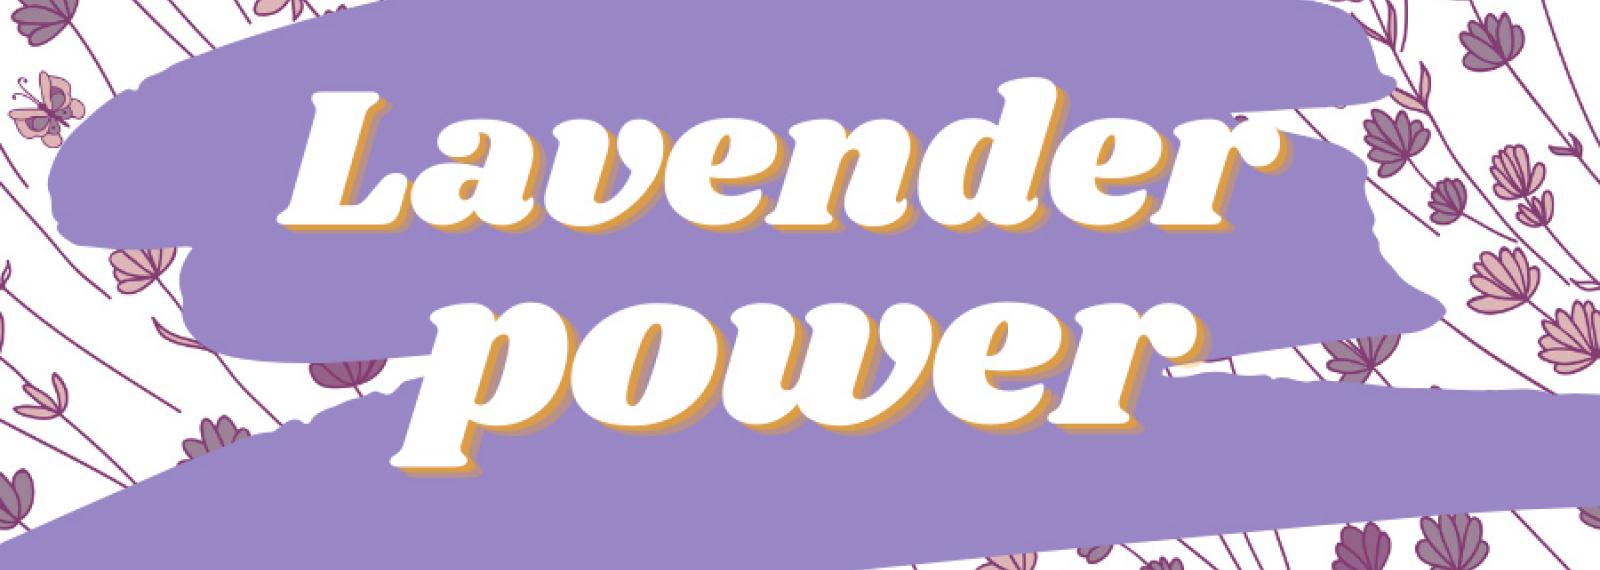 Lavender Power au Musée de la Lavande Luberon